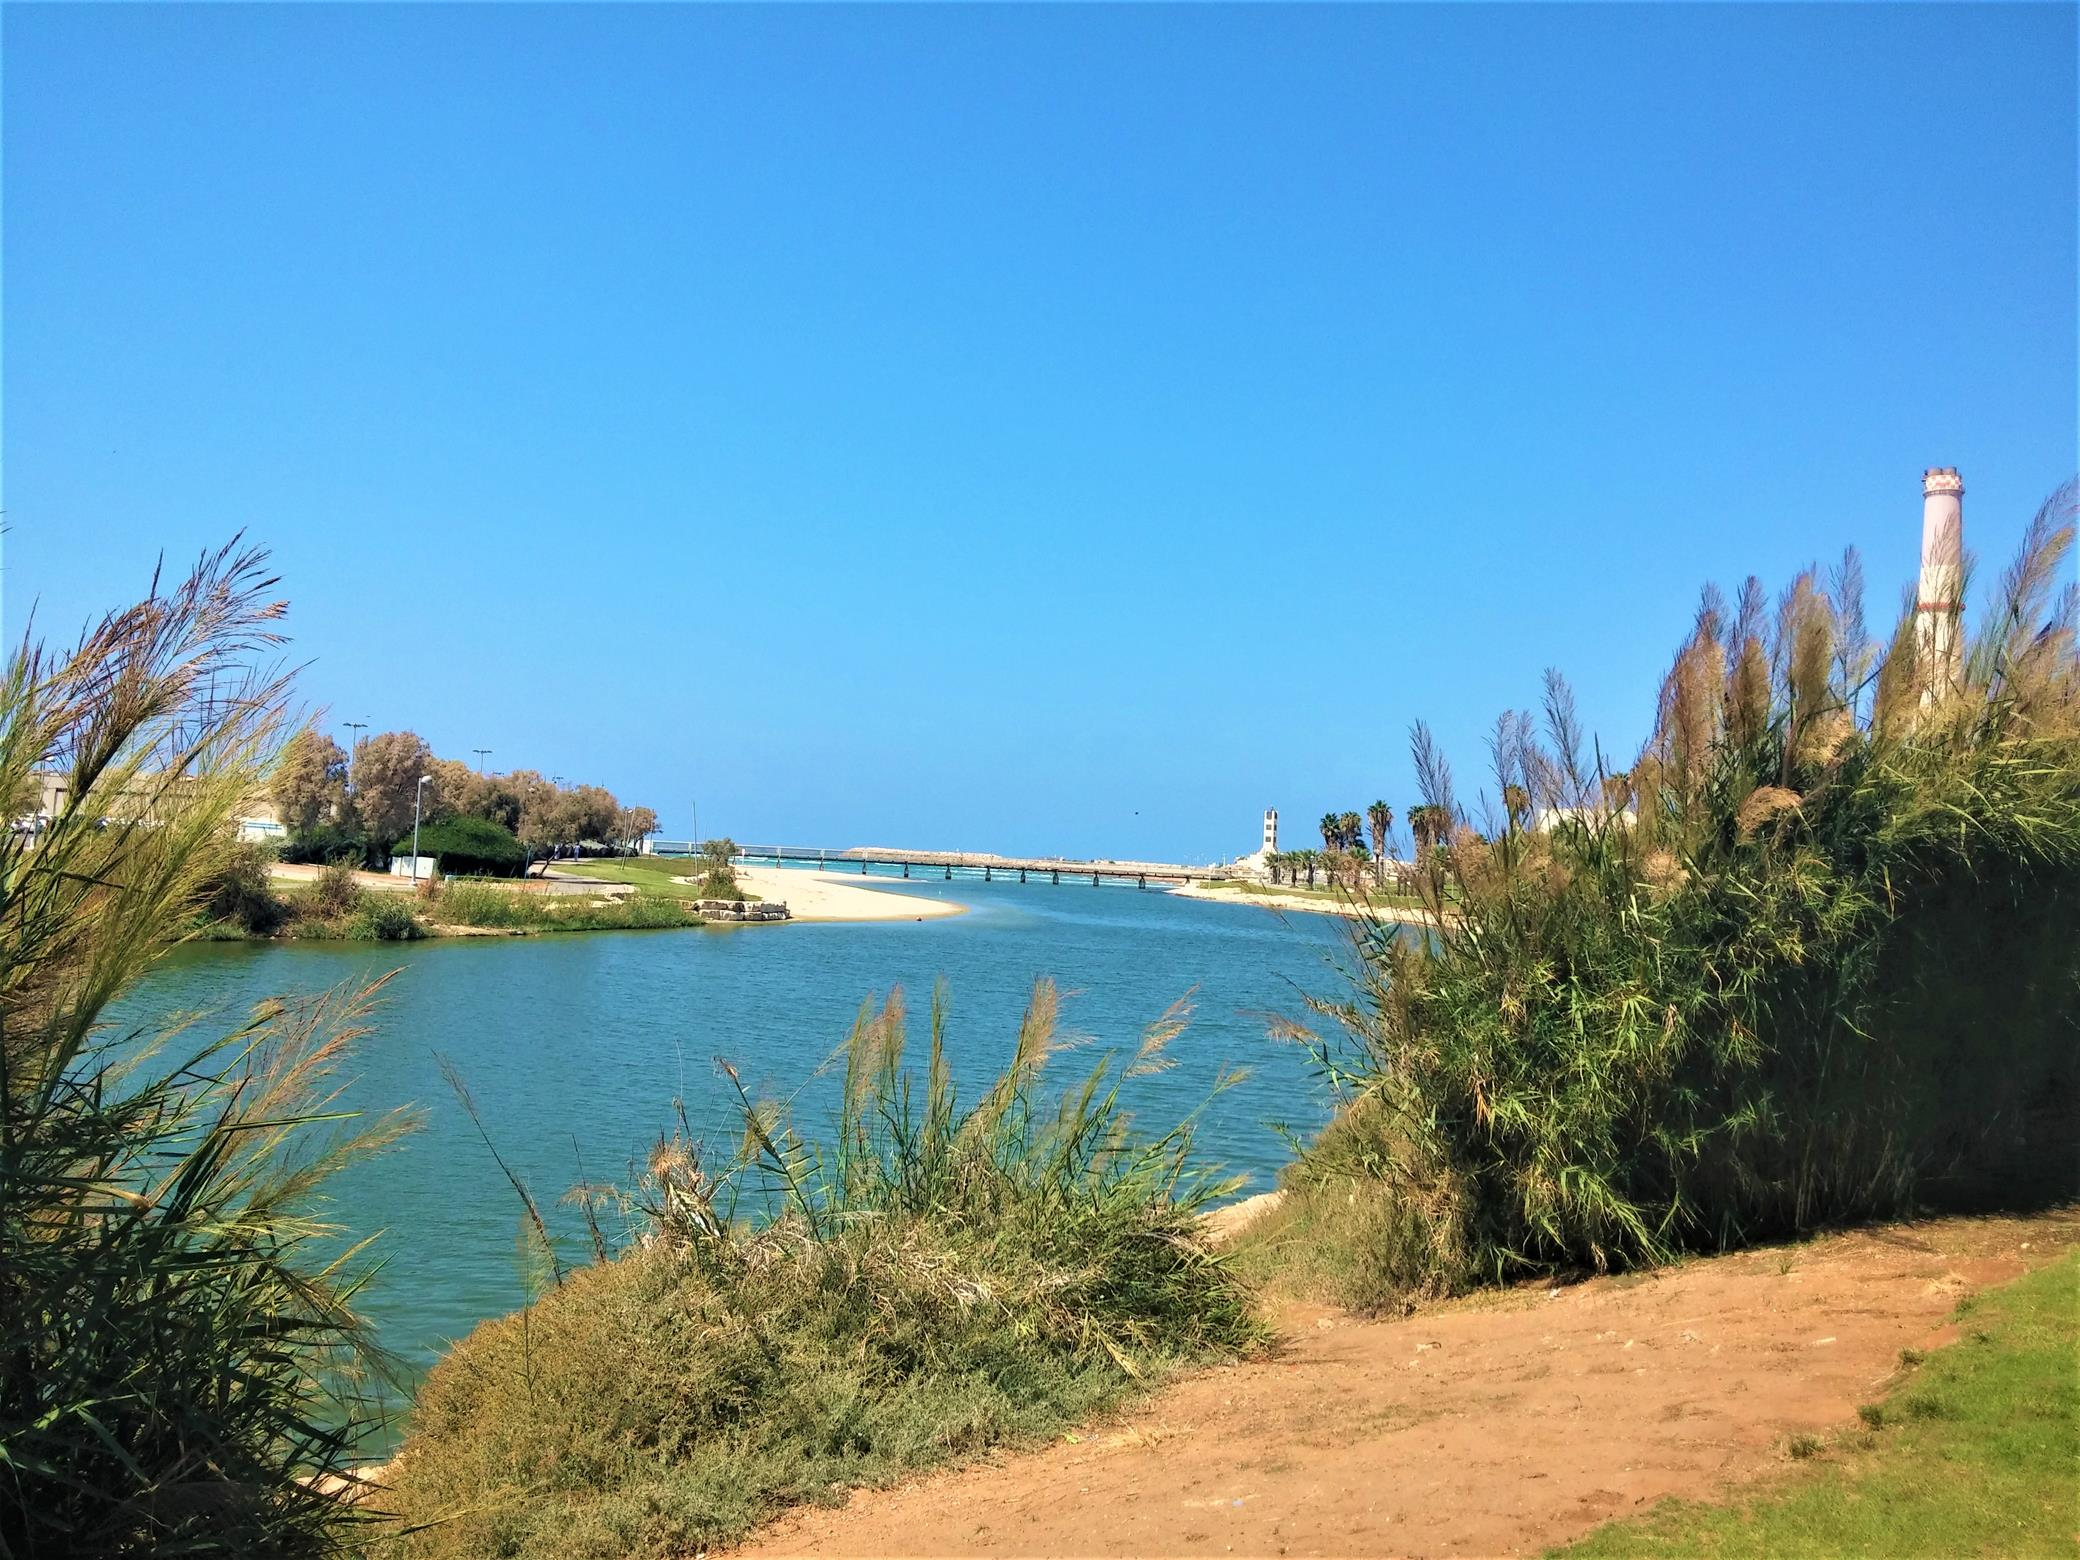 """שפך הירקון נמל תל אביב, צילום: ד""""ר ענת אביטל"""